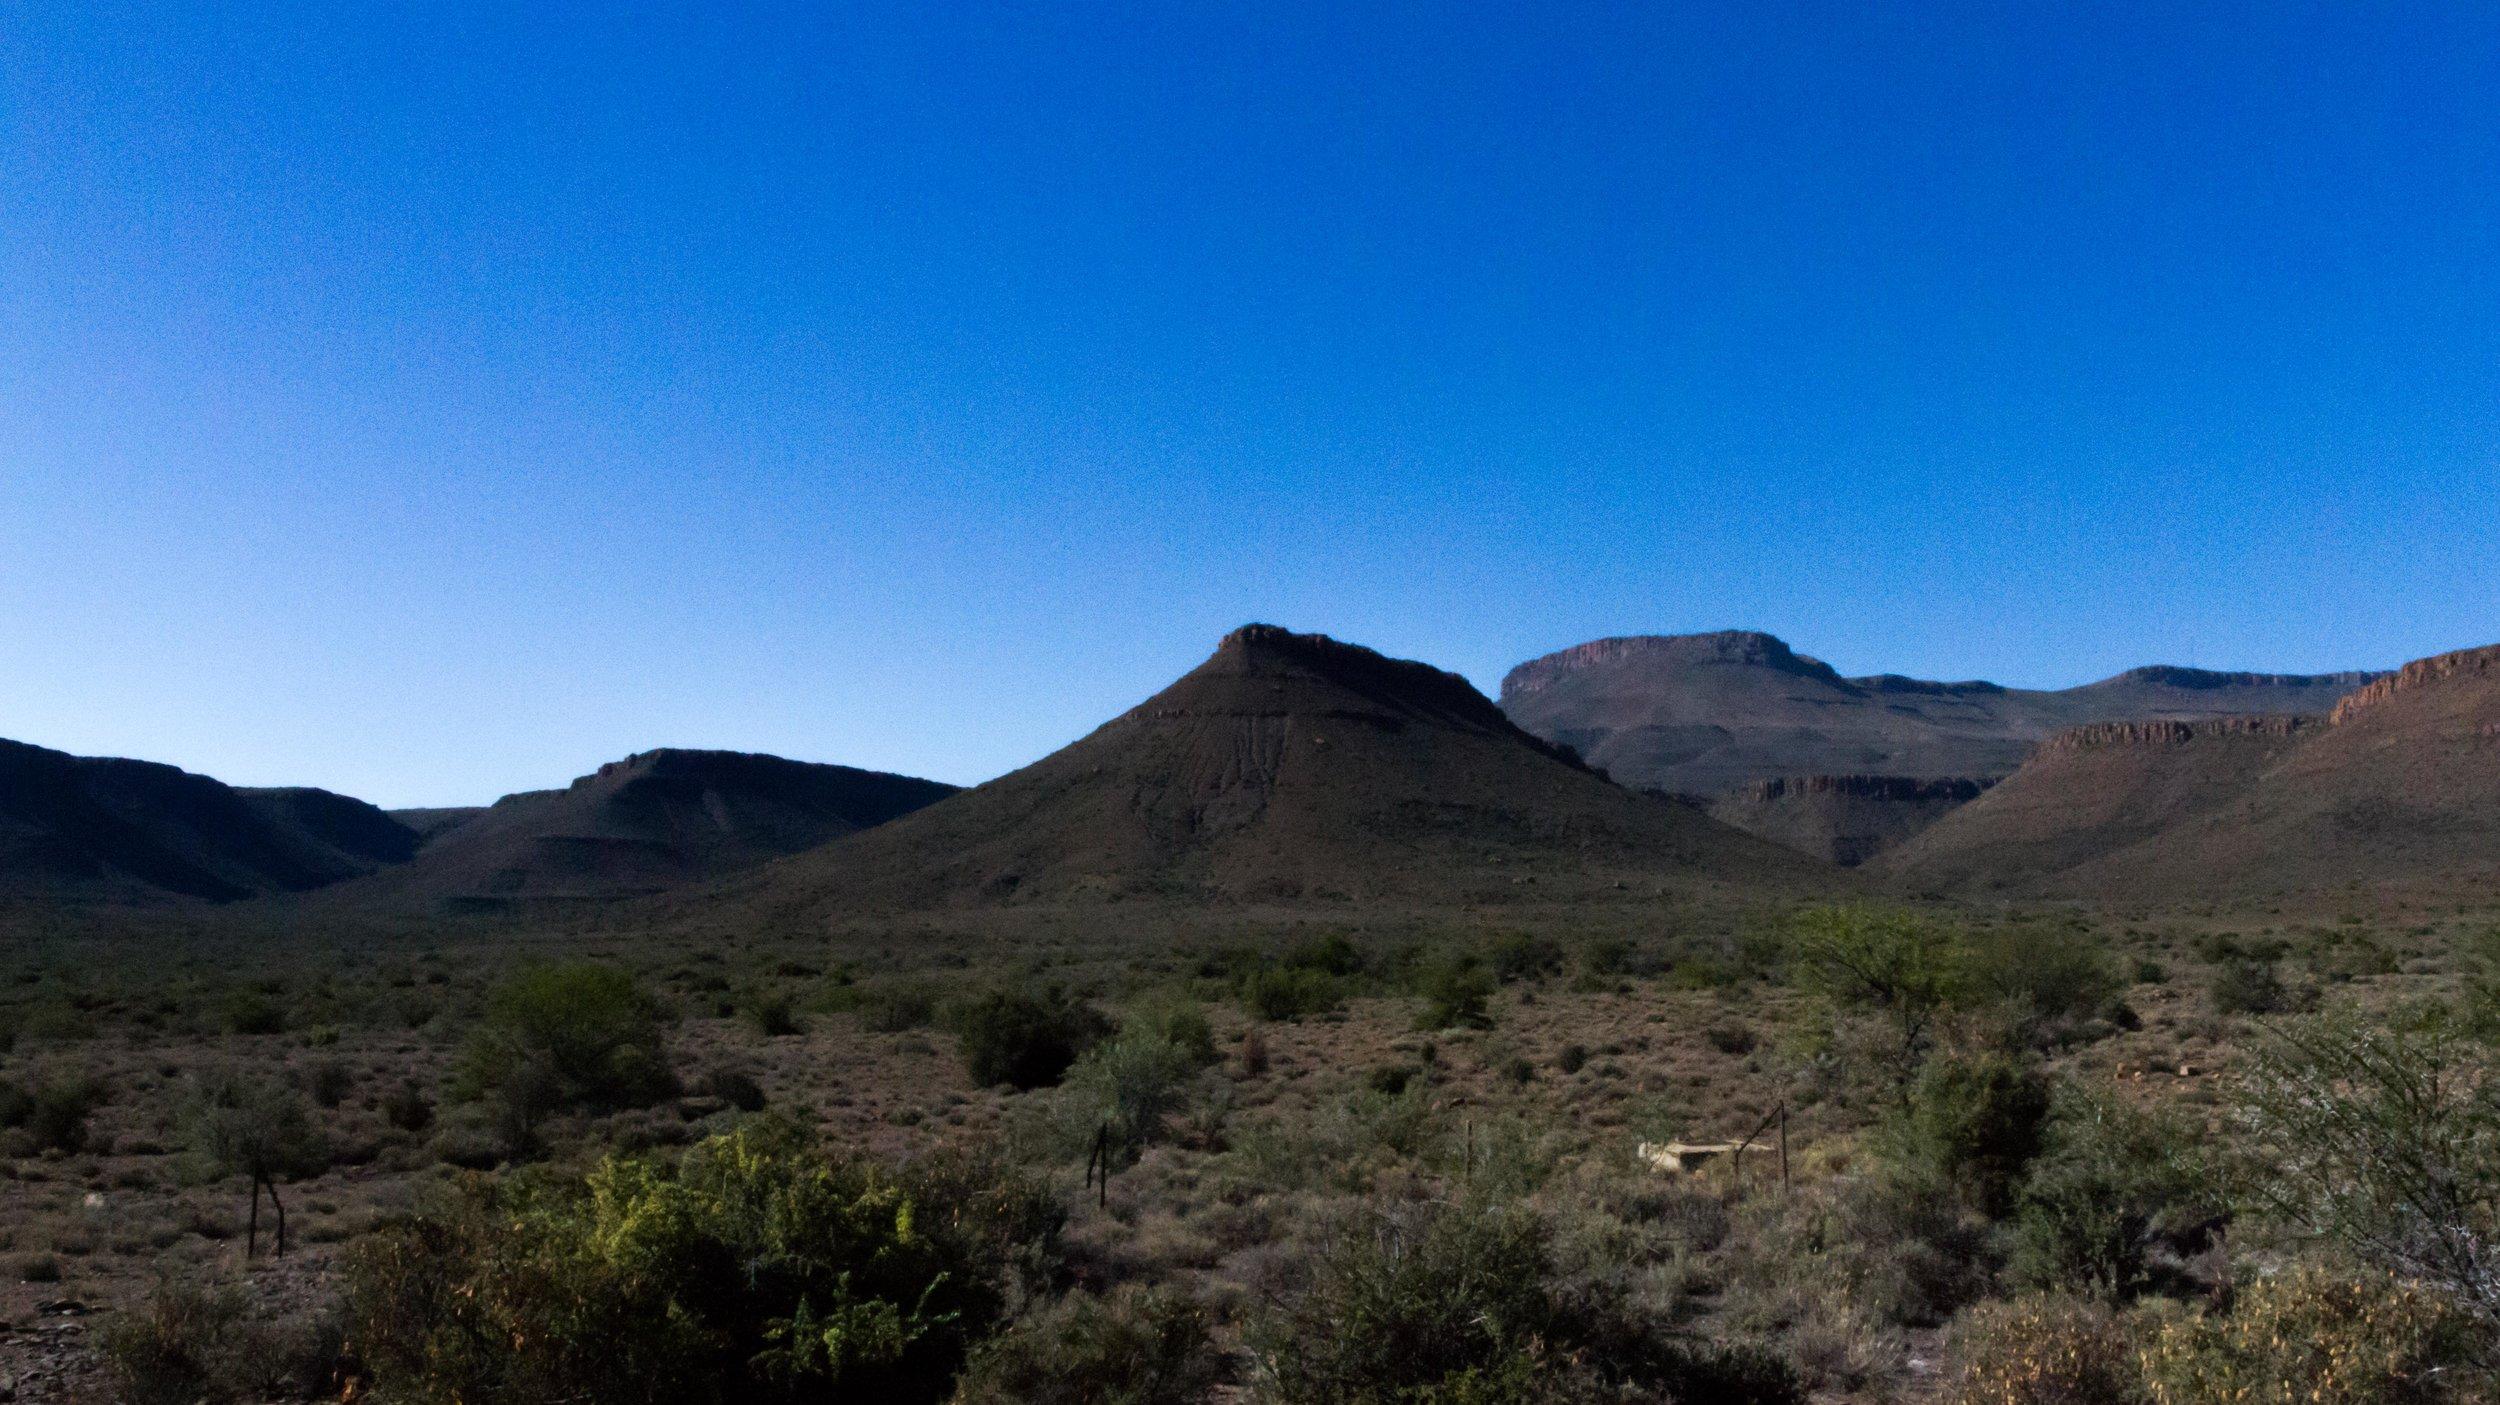 Cpt - Drakensberg Trip 1 - Karoo National Park